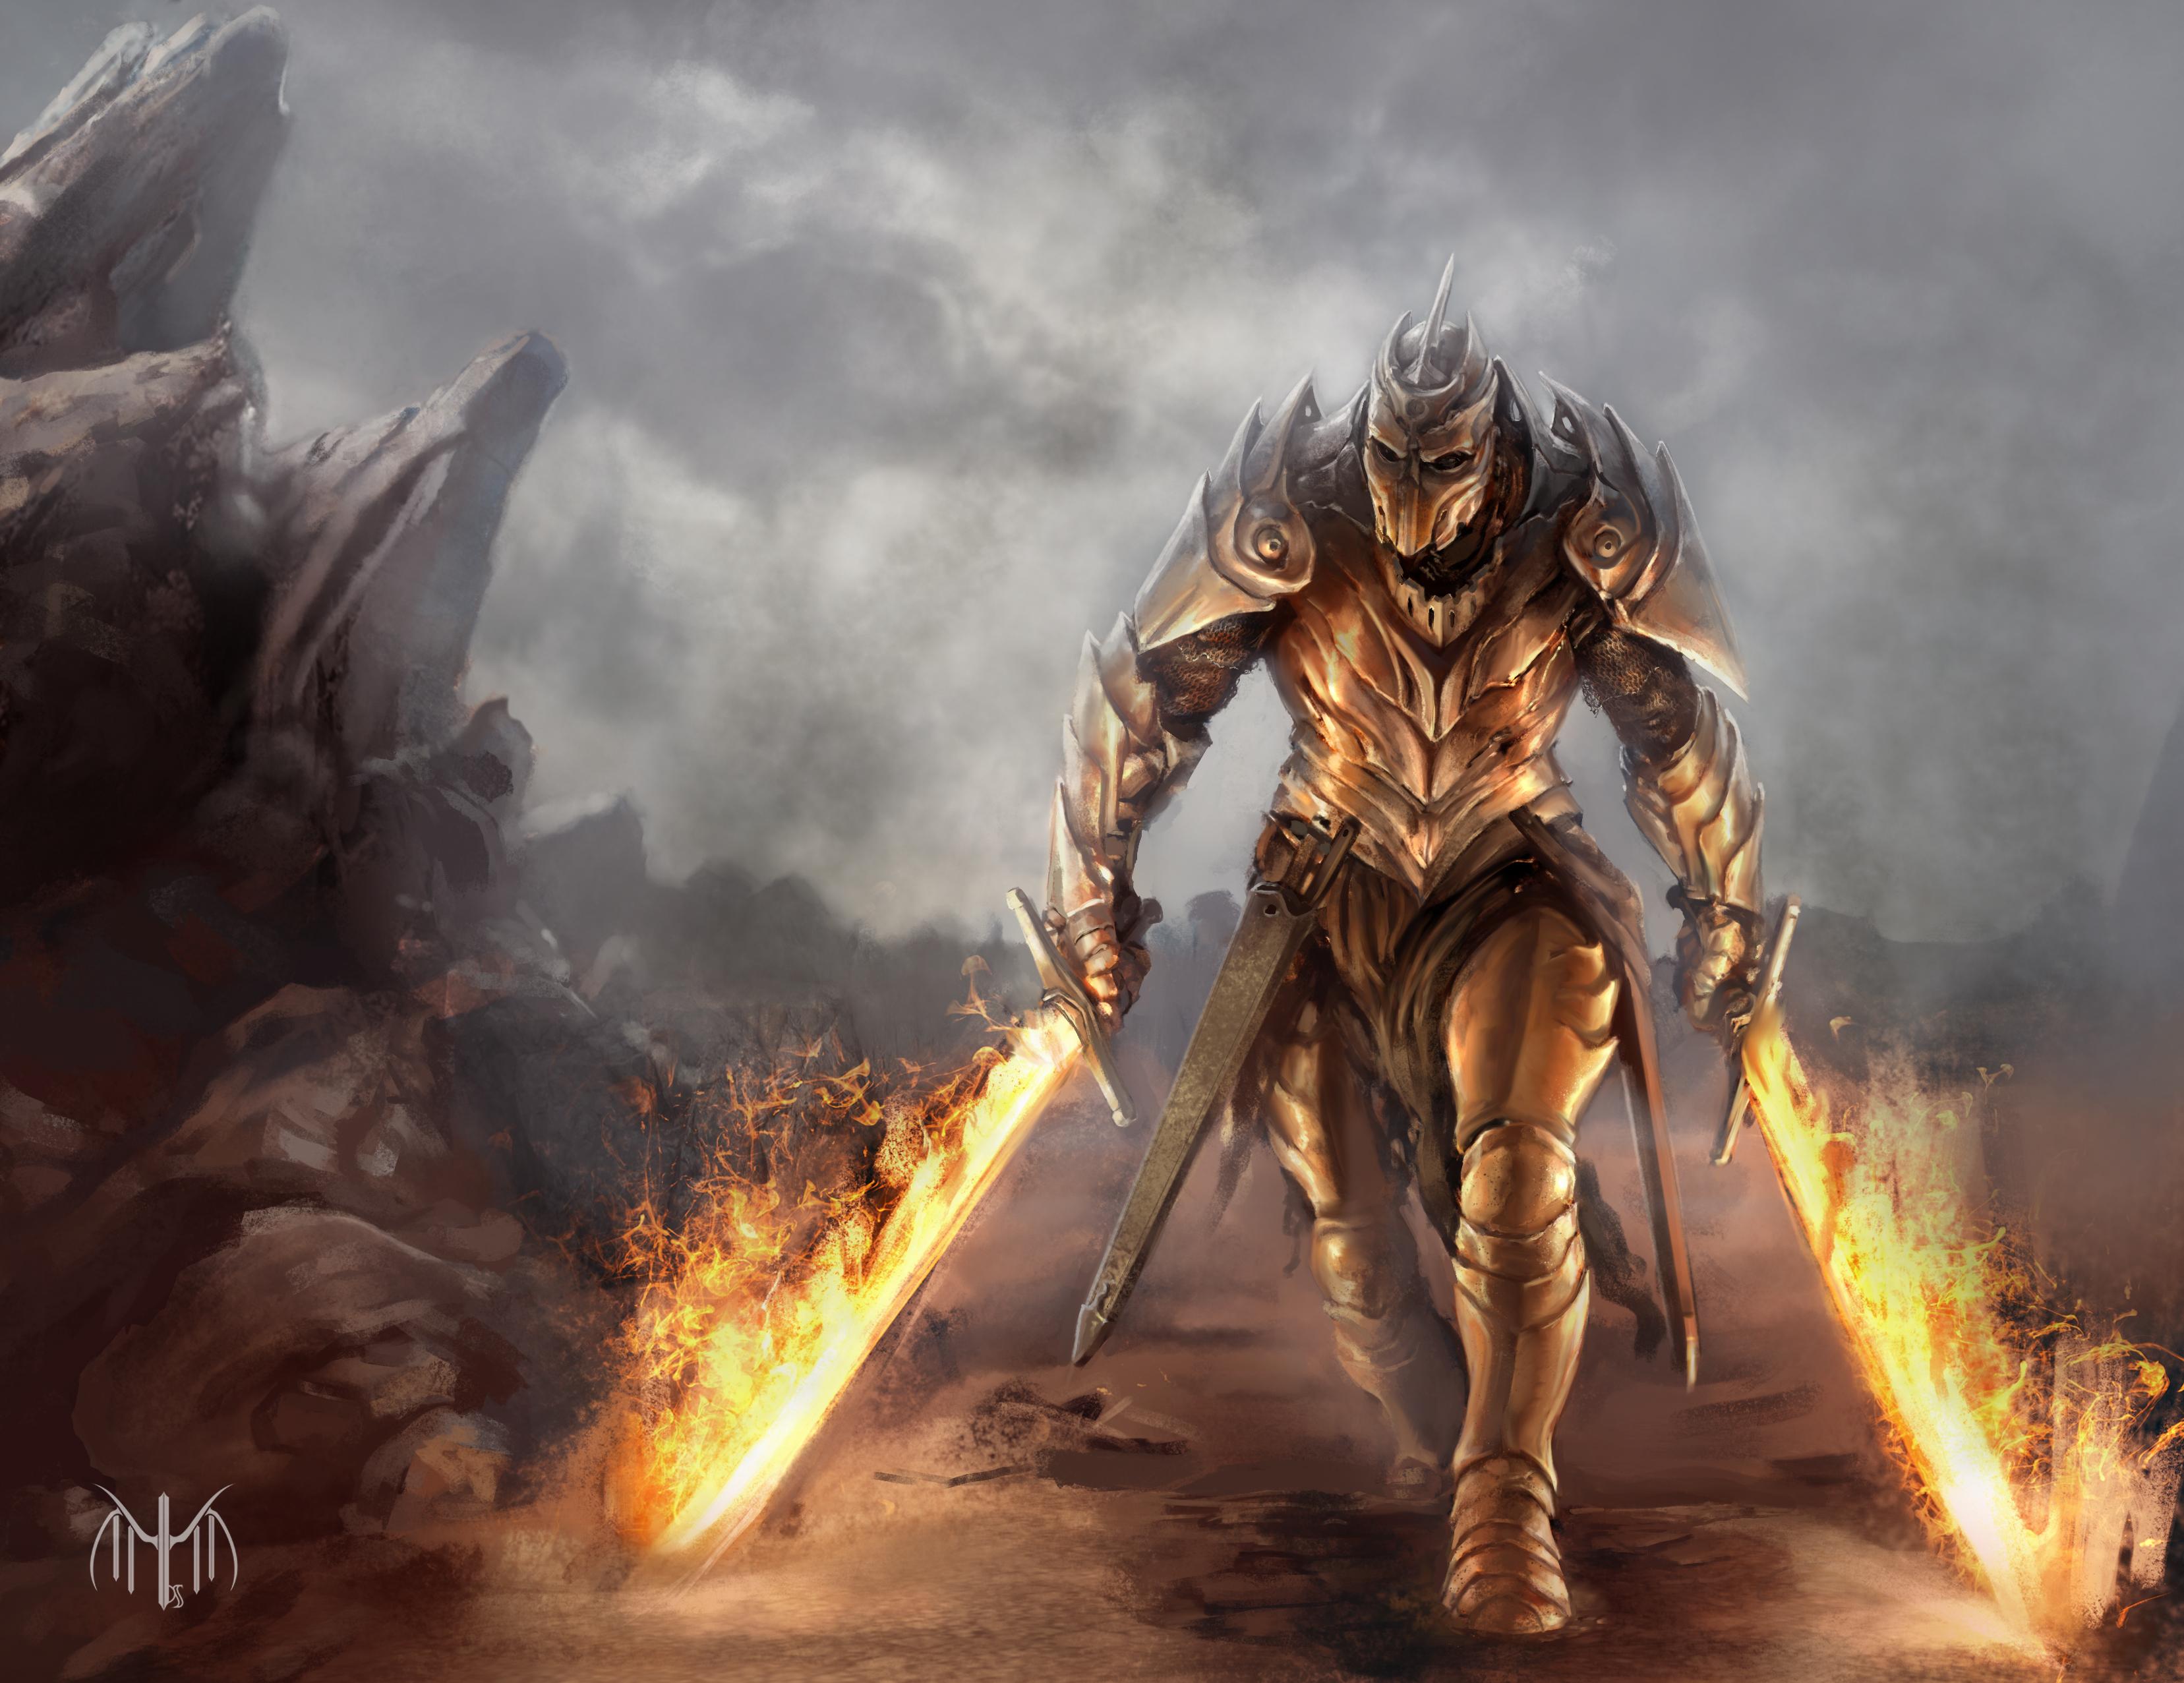 Мжчина с окровавленным мечем в огне  № 1840897 загрузить